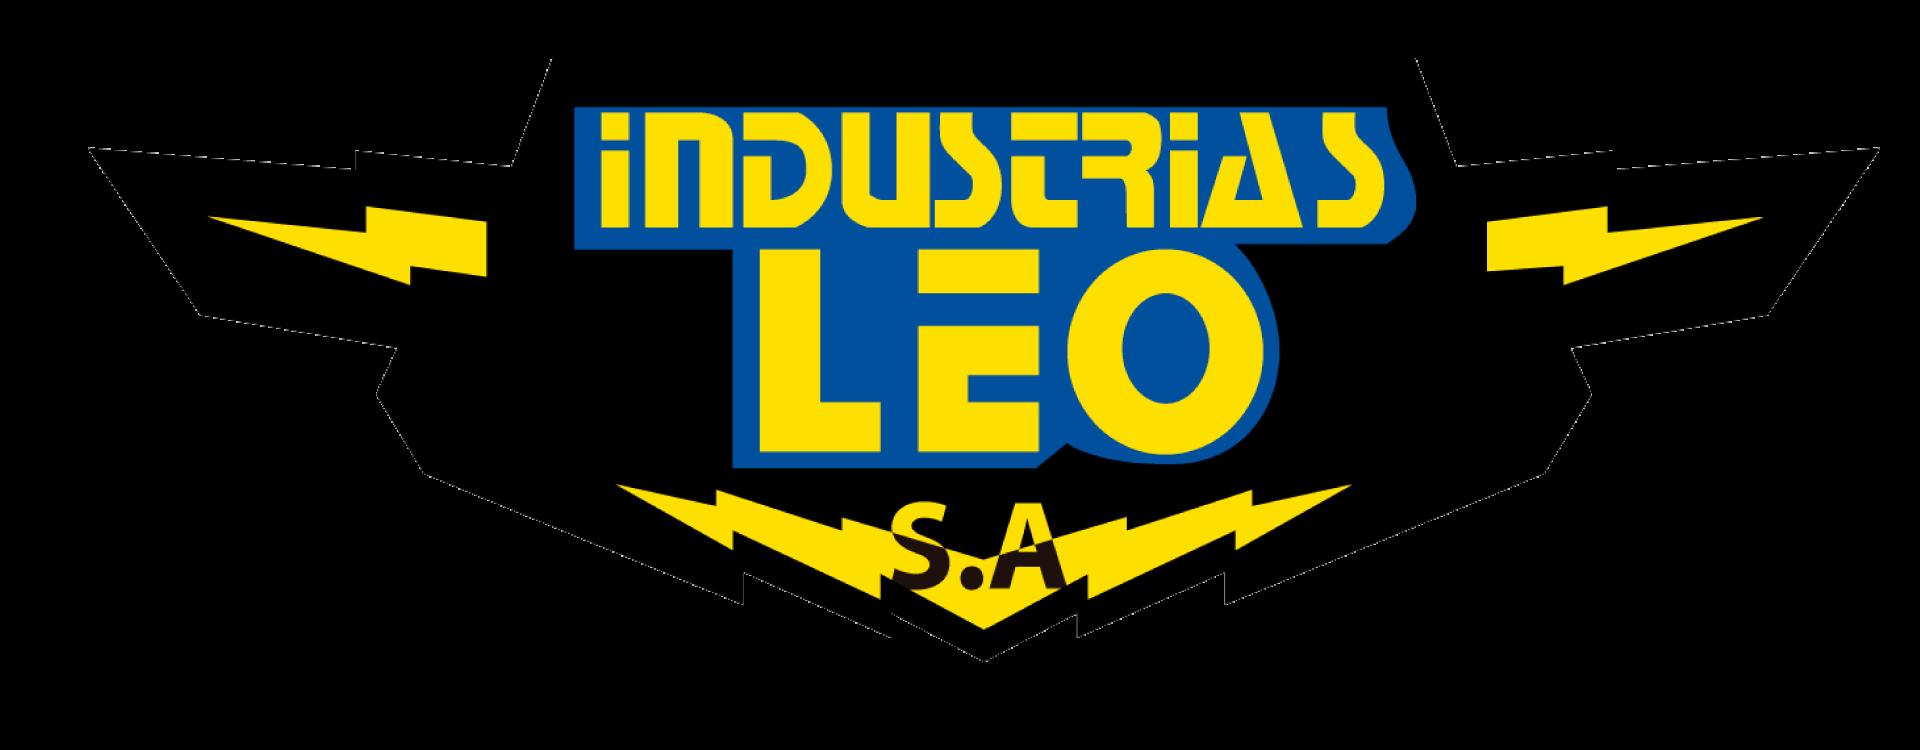 Industrias Leo